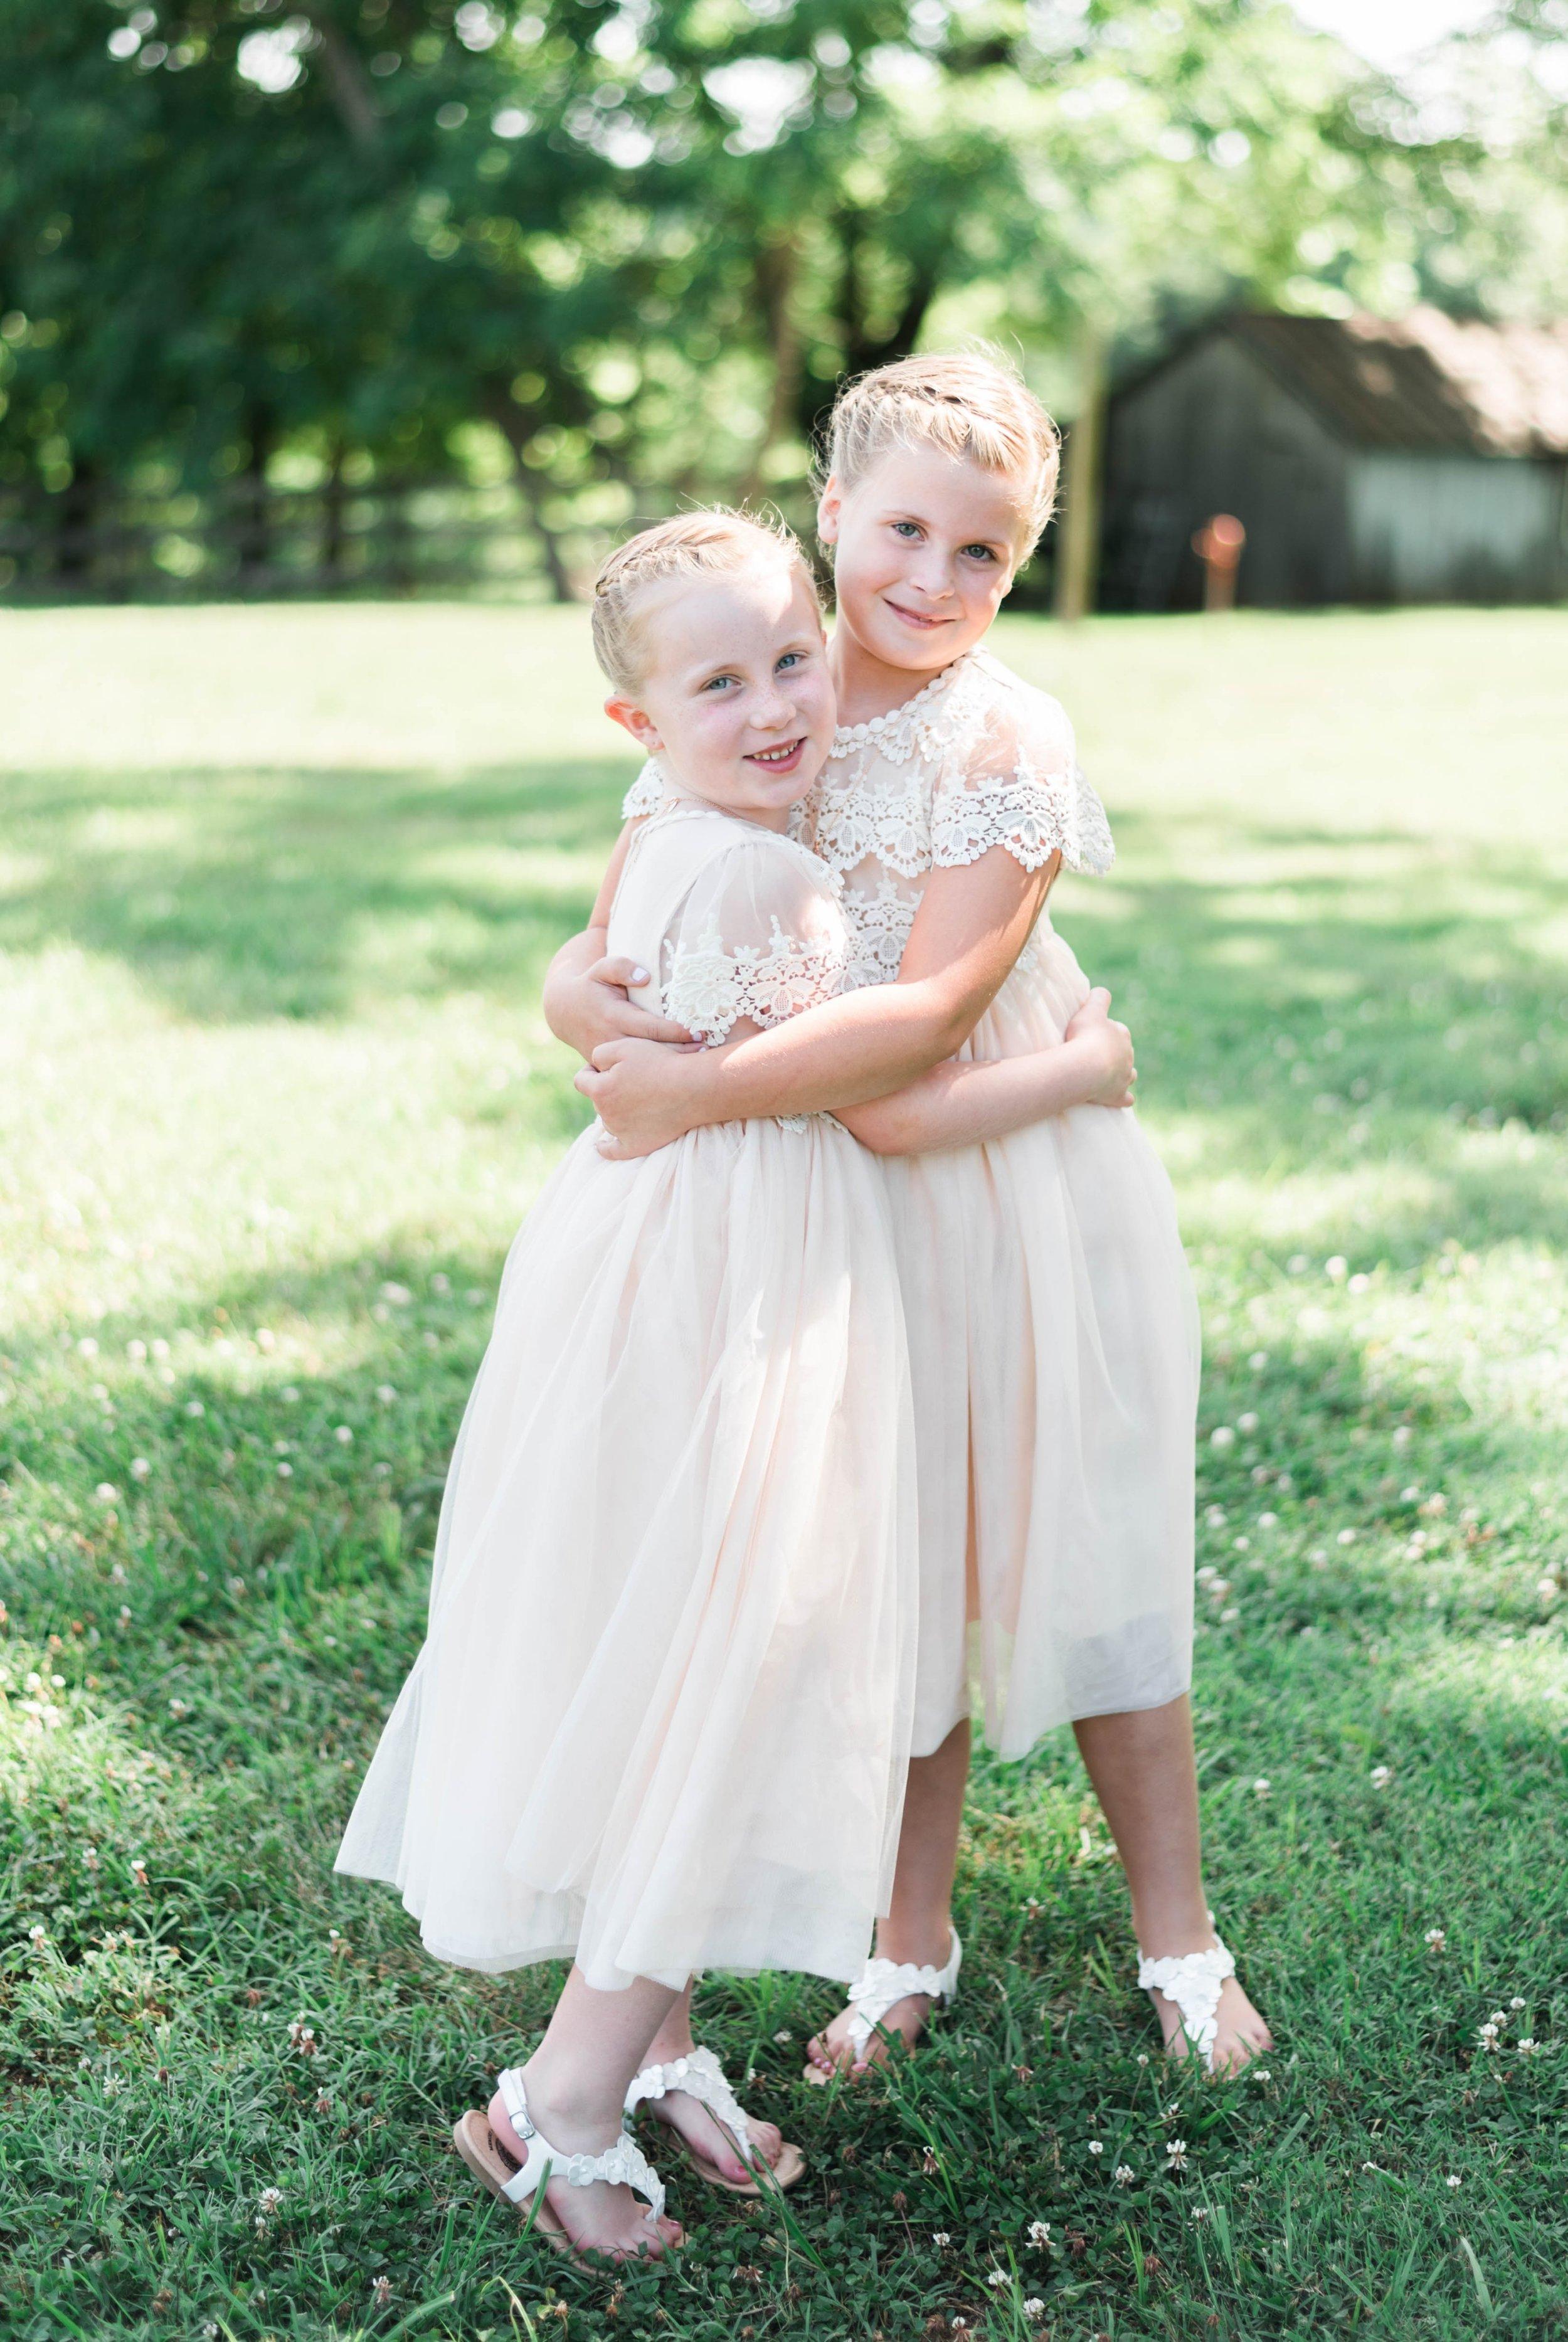 SorellaFarms_VirginiaWeddingPhotographer_BarnWedding_Lynchburgweddingphotographer_DanielleTyler 8.jpg